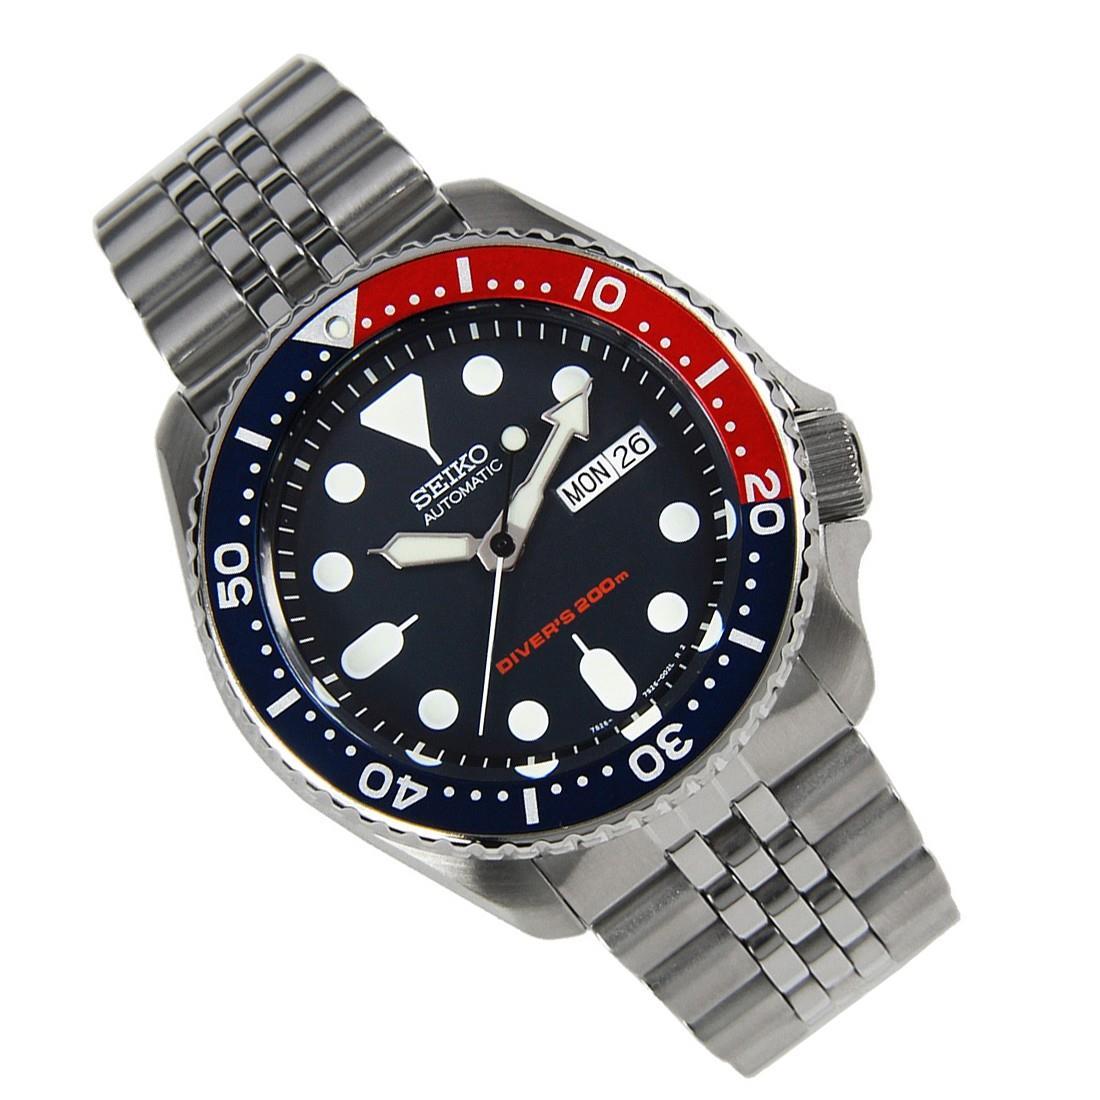 TOP-SELLING-Seiko-SKX009-SKX009J1-SKX009J2-SKX009K1-SKX009K2-Pepsi-Dive-Watch thumbnail 34